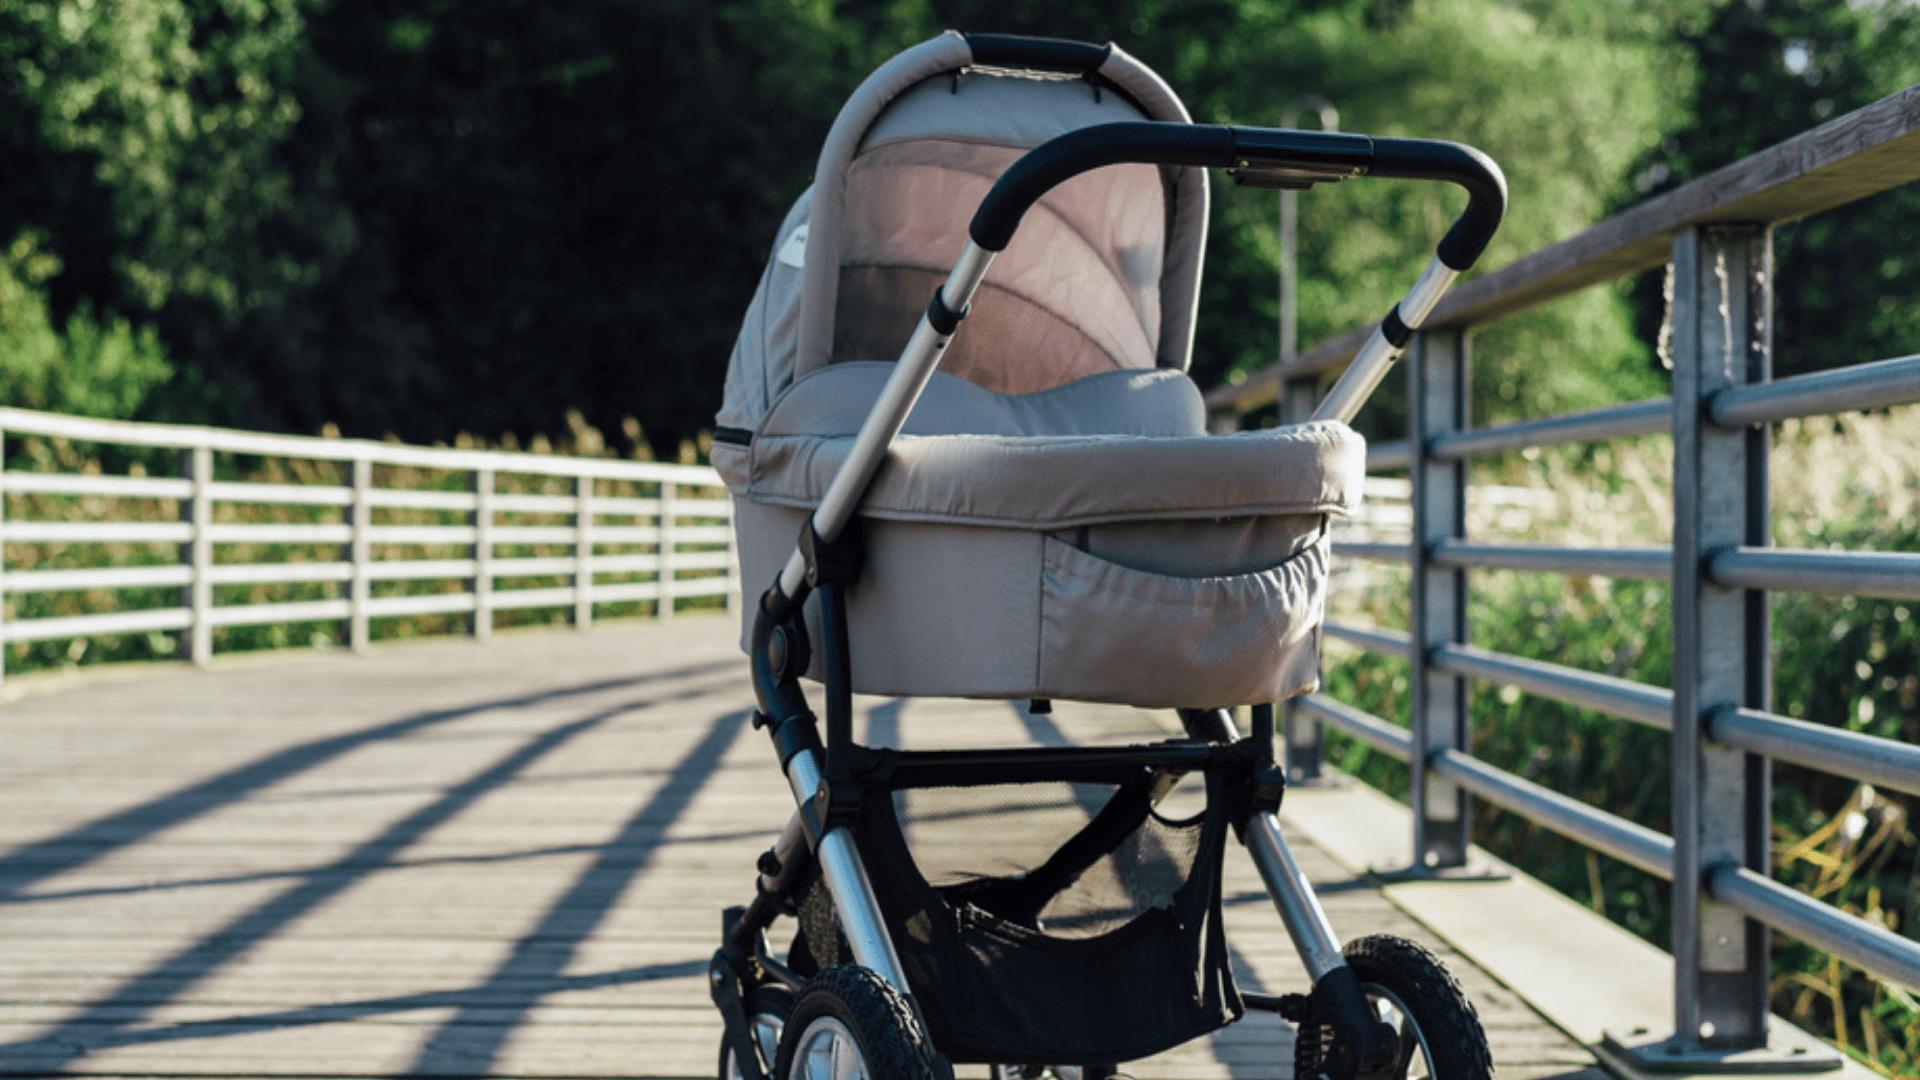 Veja a nossa seleção dos melhores carrinhos de bebê Galzerano de 2021! (Imagem: Reprodução/Shutterstock)